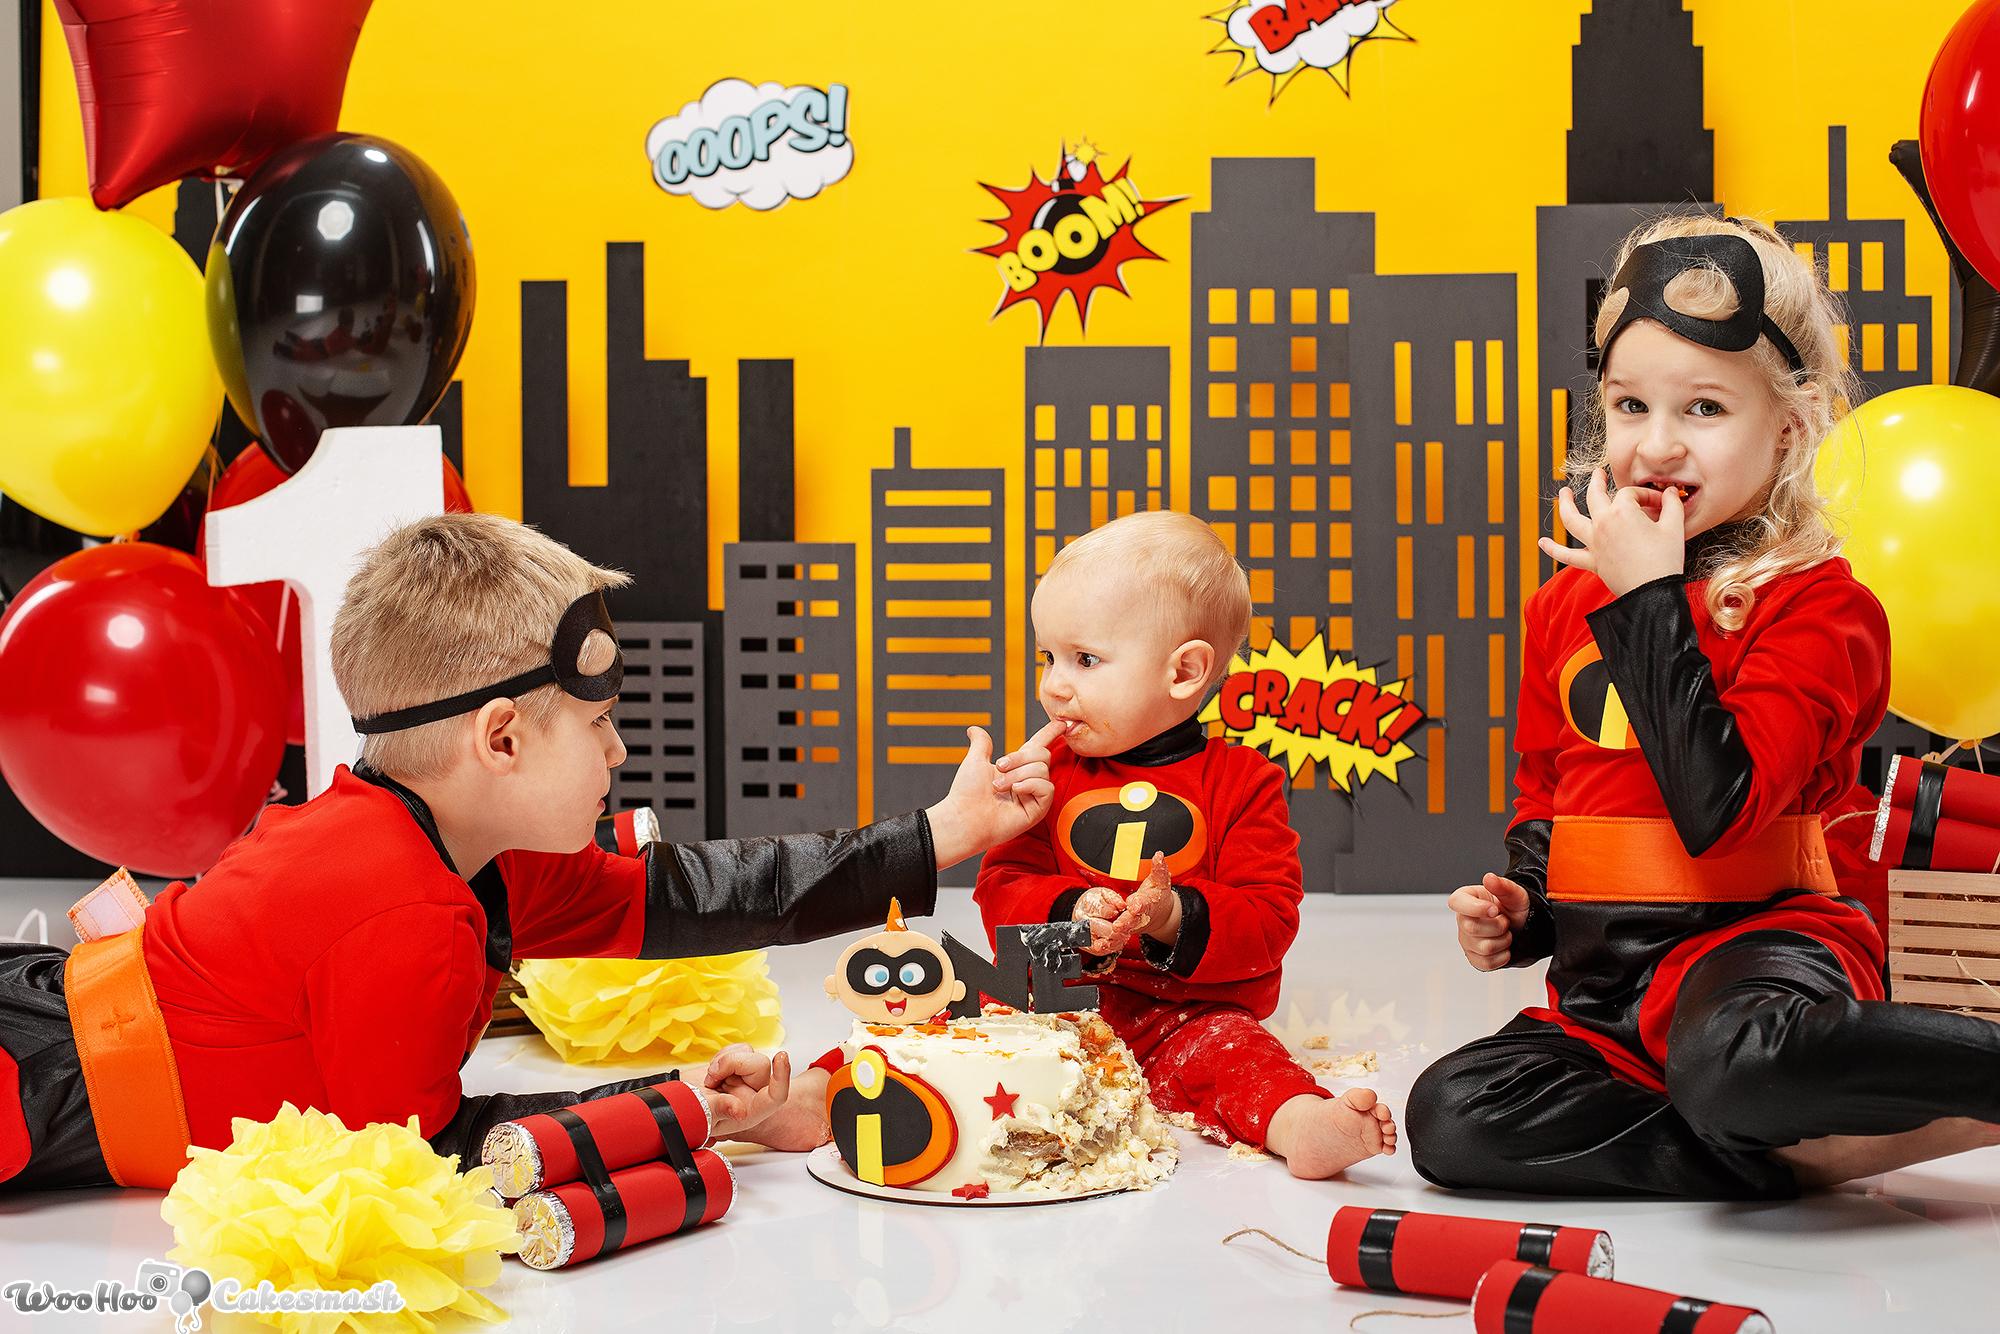 woohoo_cakesmash_The_Incredibles_8